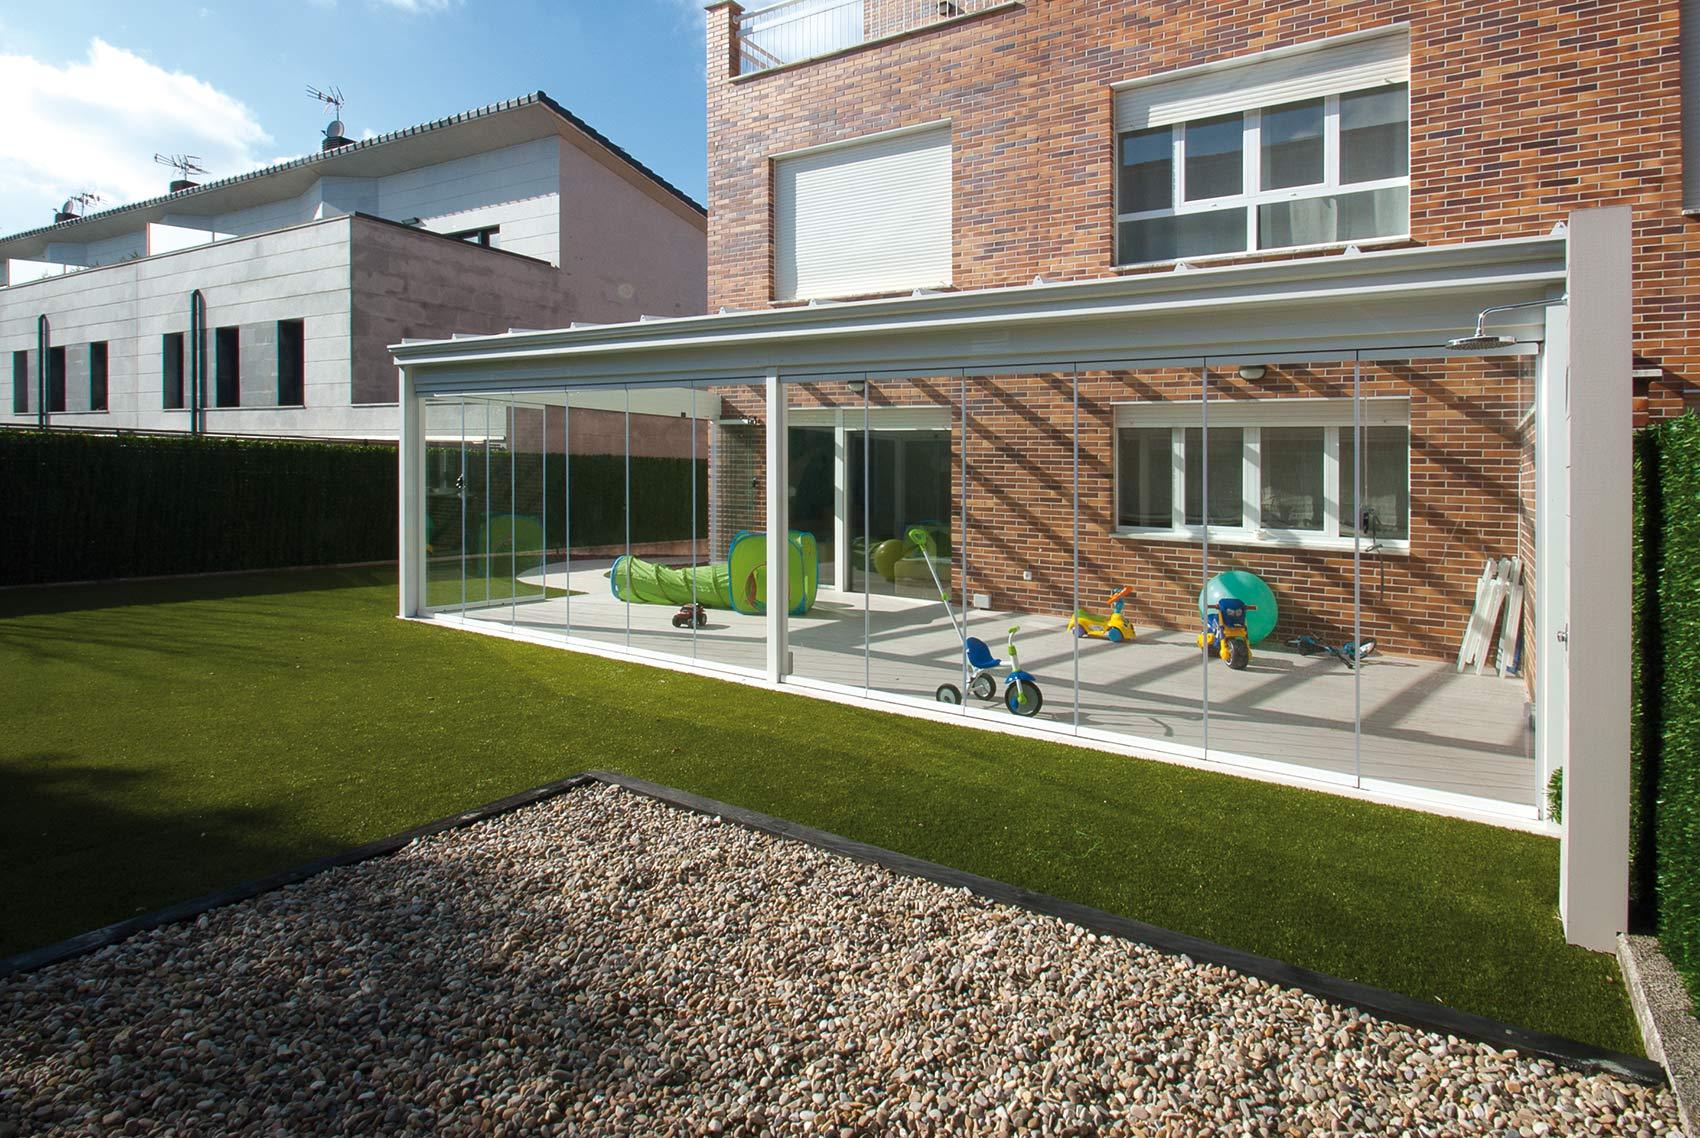 jardin-porche-aluminio-3